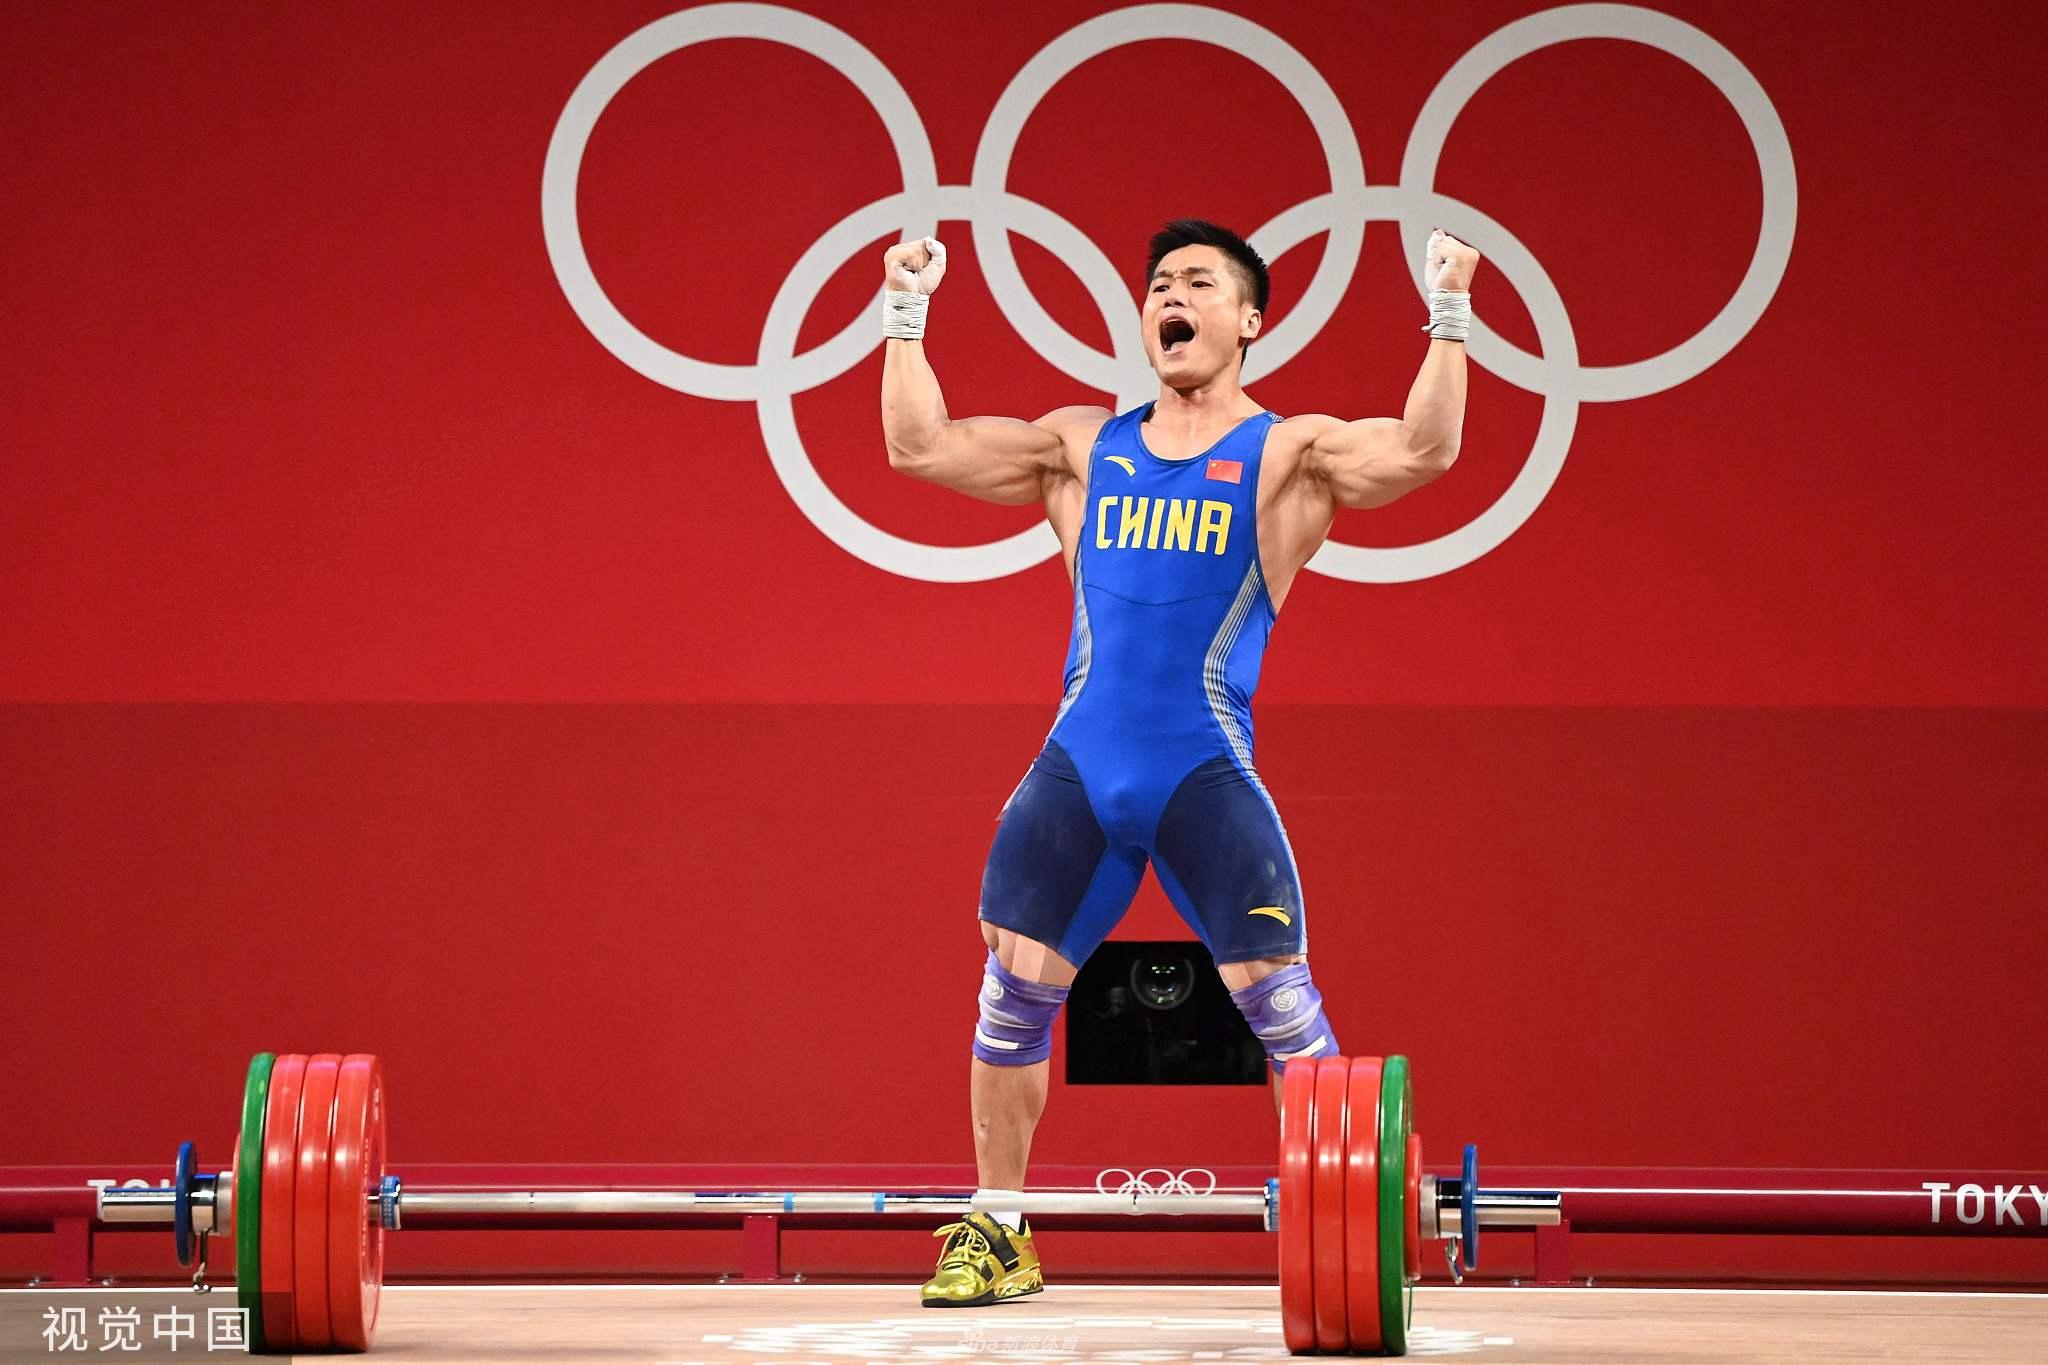 【博狗体育】吕小军夺冠创造两大纪录 奥运史上最年长举重冠军